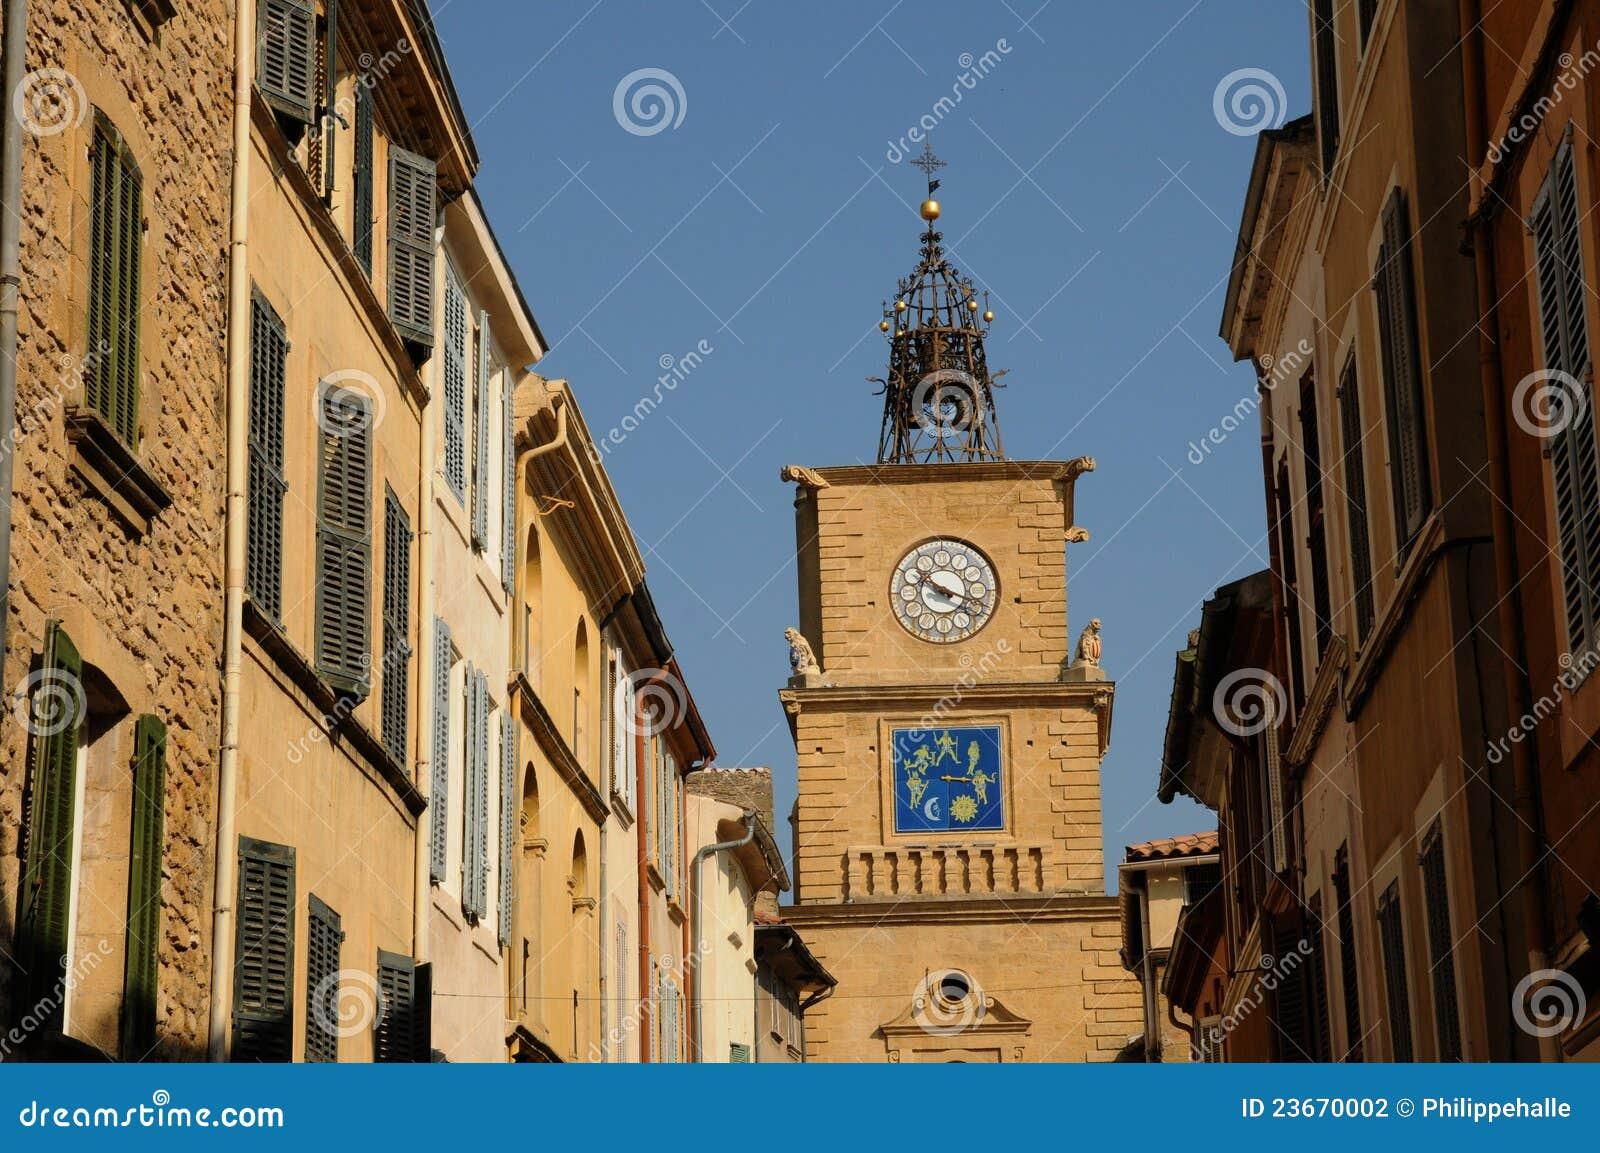 Tour de l horloge in salon de provence stock photography for Porte de l horloge salon de provence